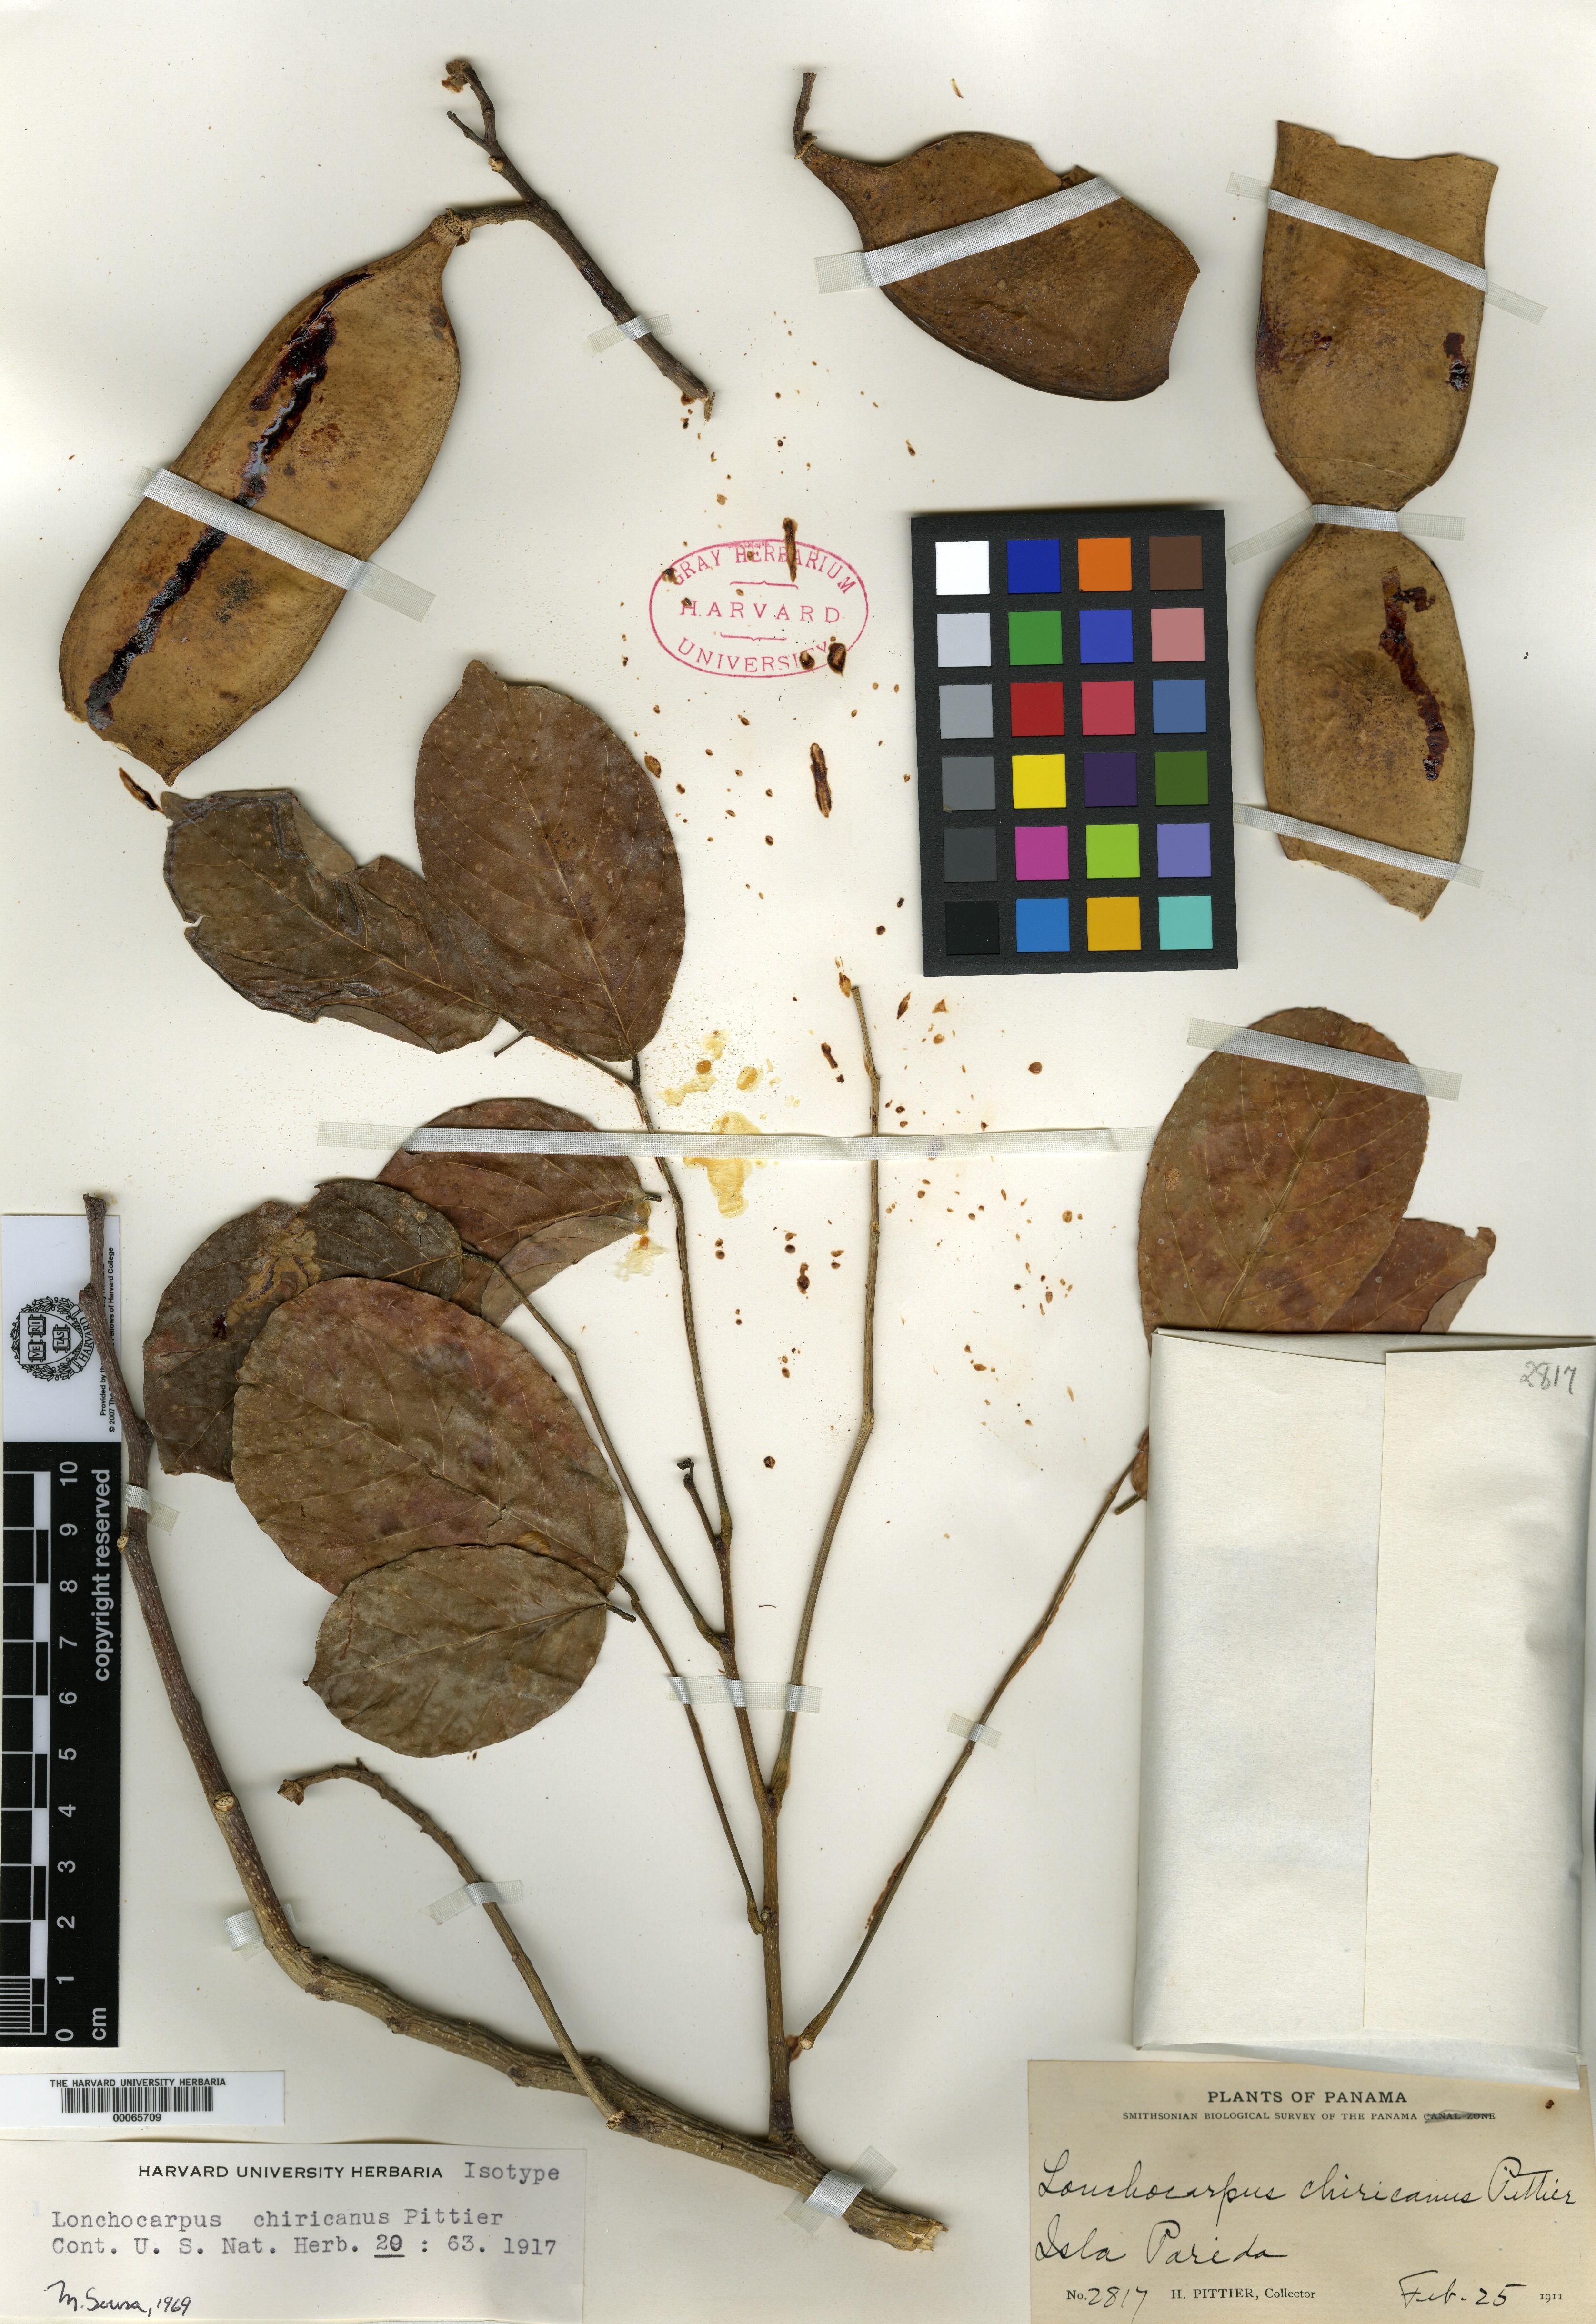 Lonchocarpus chiricanus image